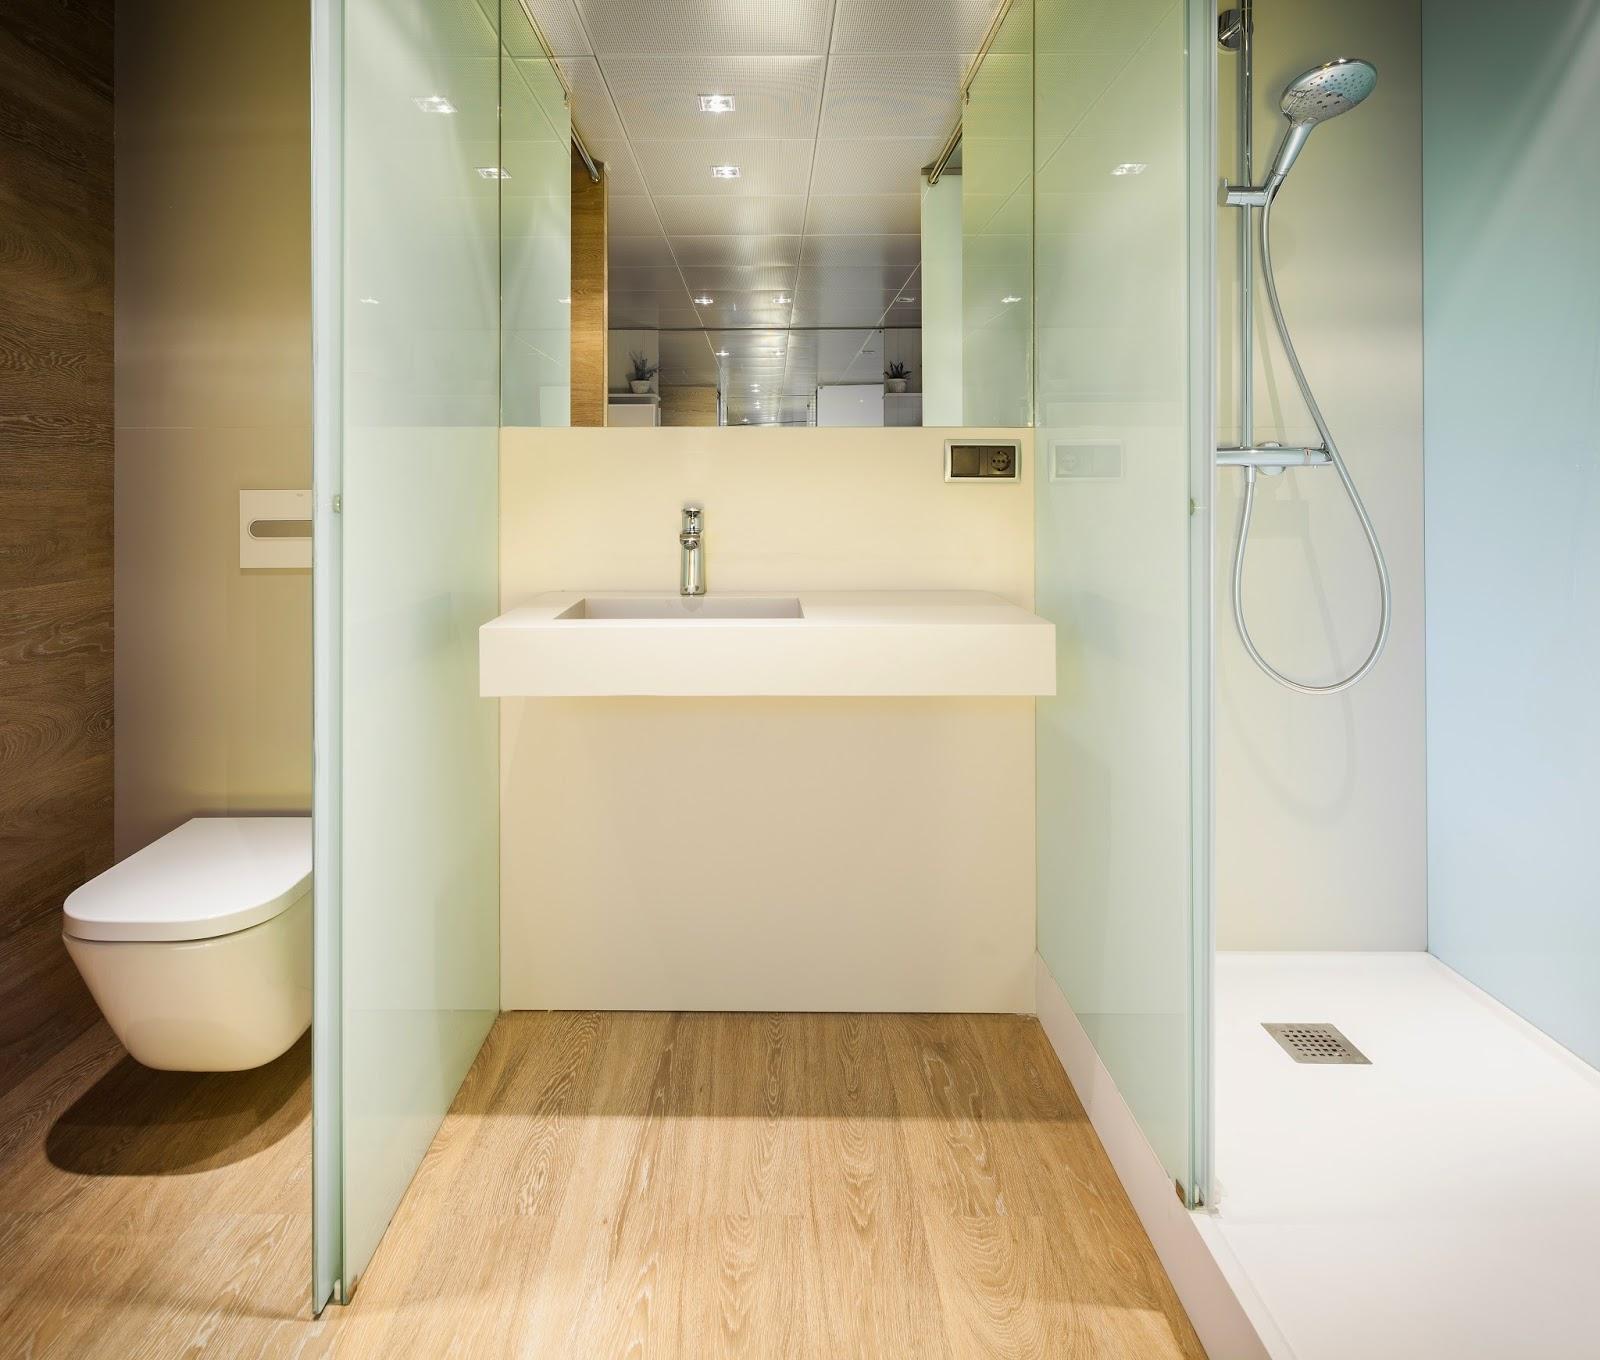 Baño Nuevo Sin Obras:El sistema de instalación y rehabilitación de baños sin obras en